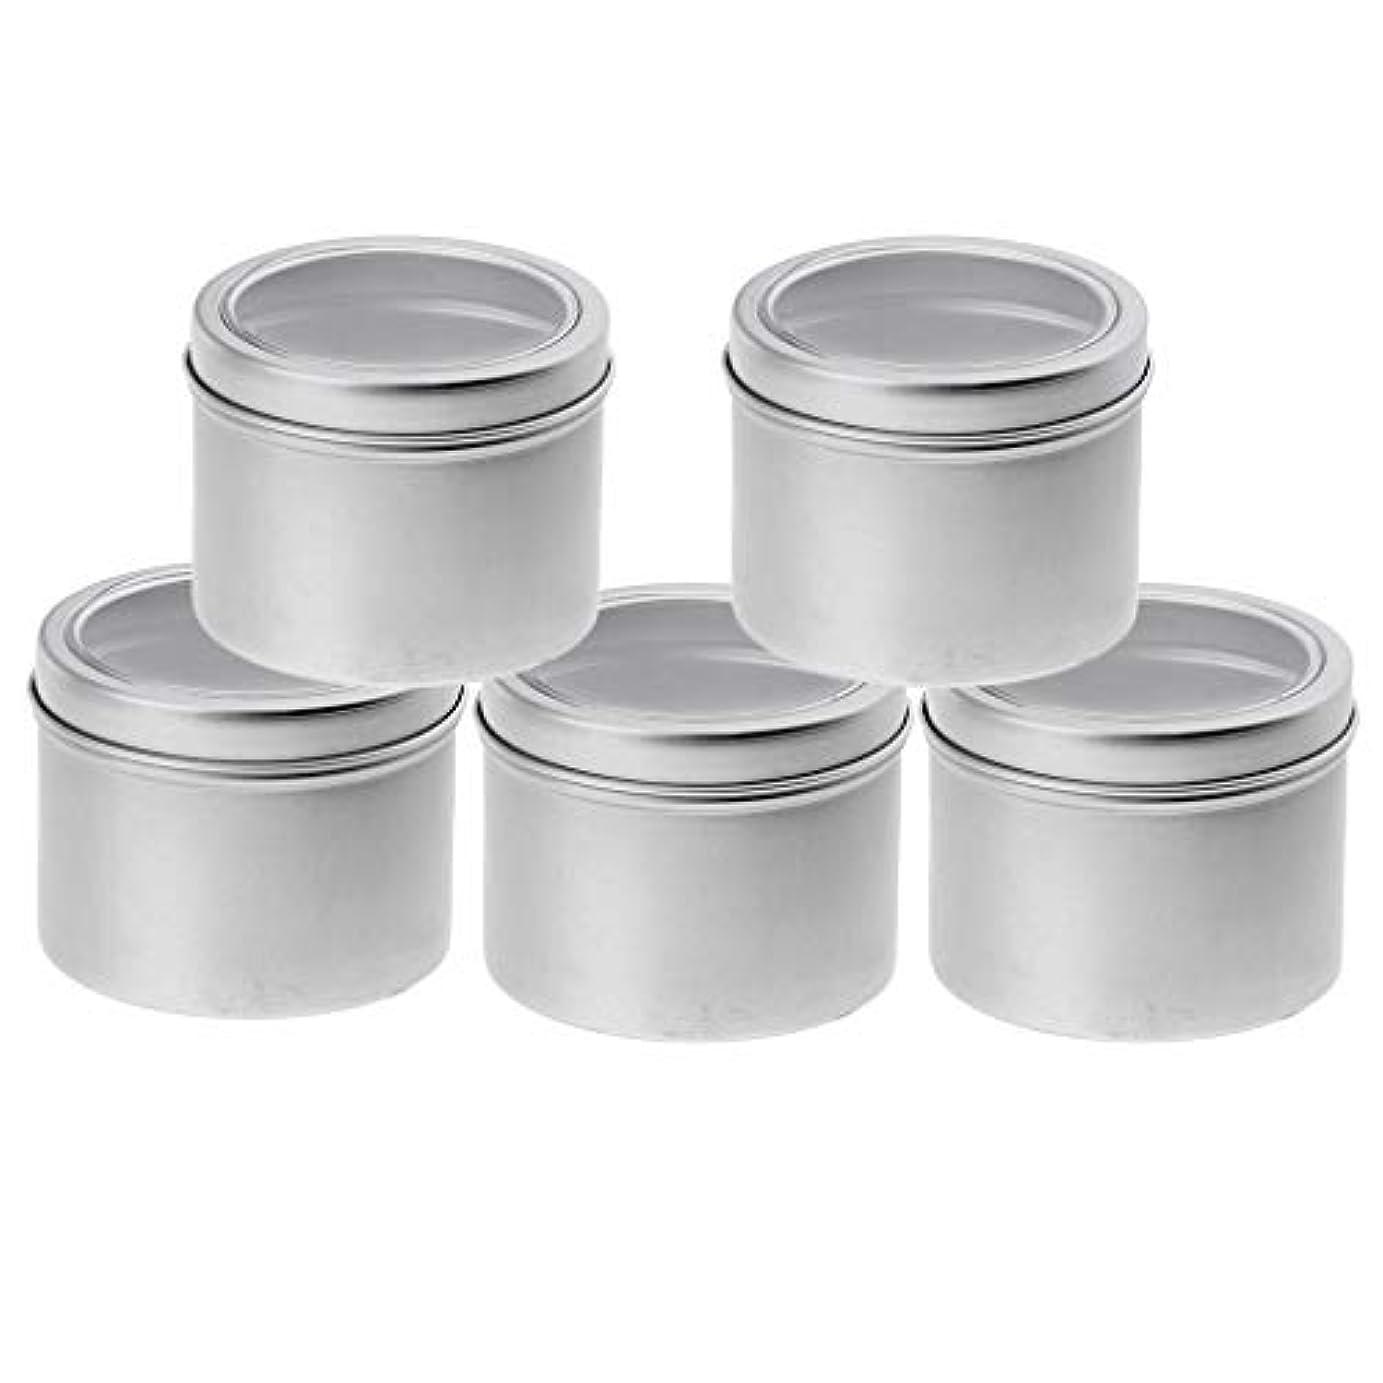 立場心理的に宣伝IPOTCH 5個セット 100ml アルミ缶 小分け容器 詰め替え容器 クリームケース 化粧品 収納ボックス